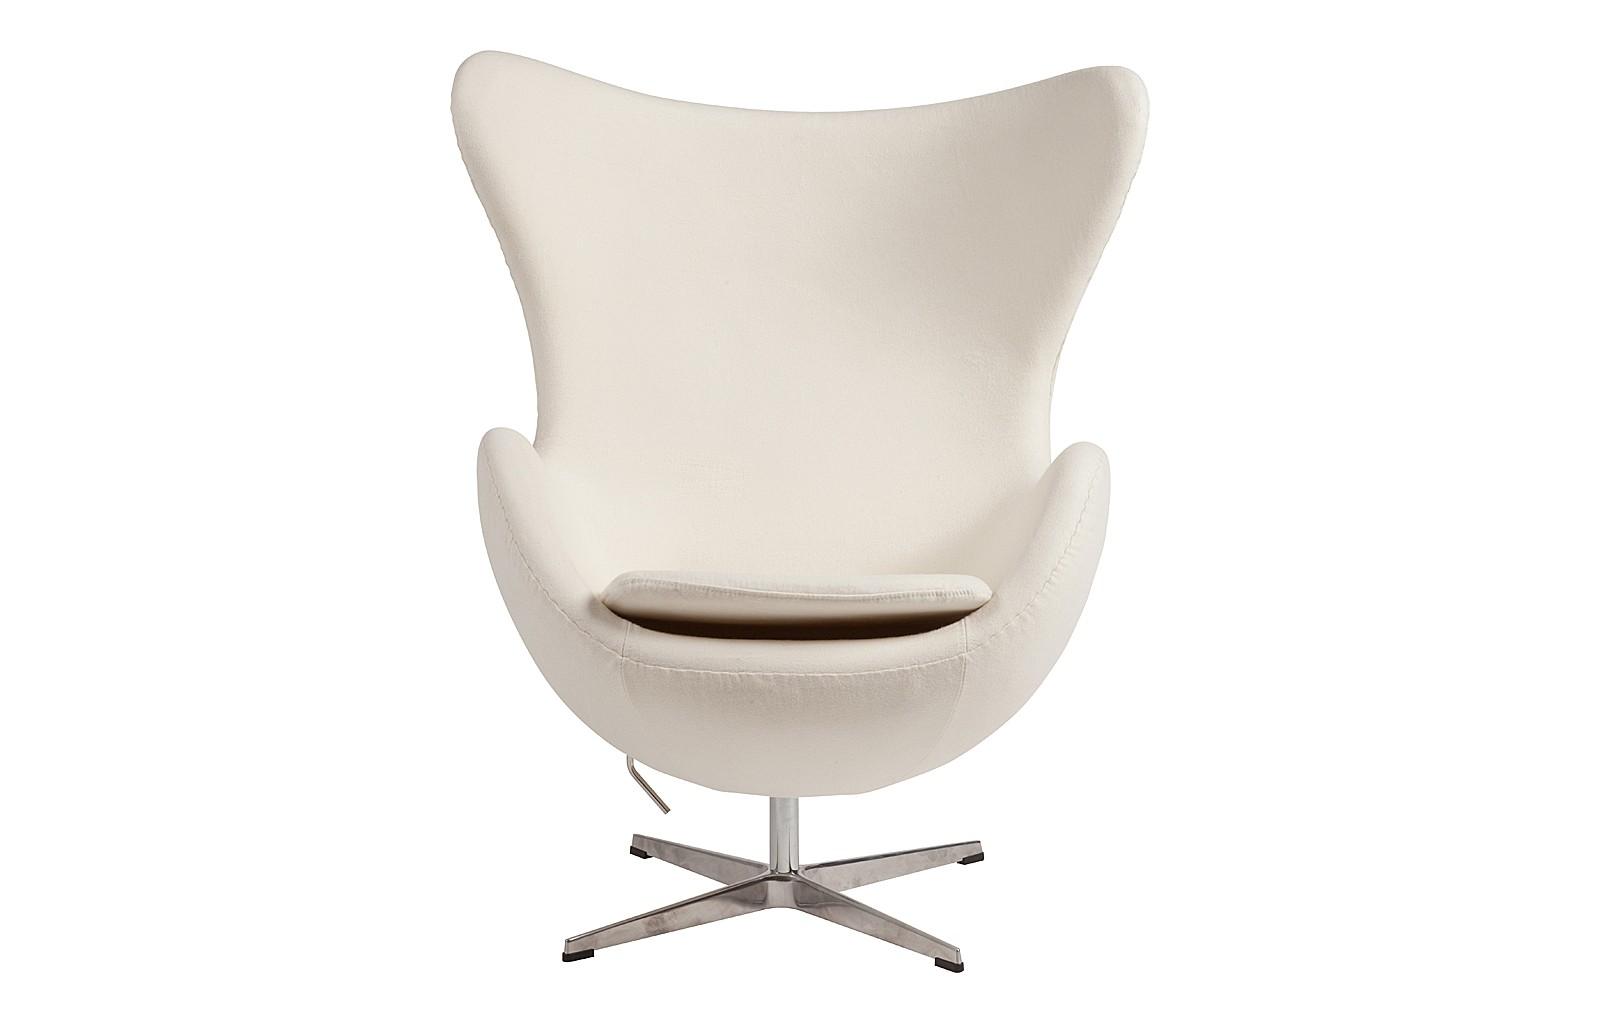 Кресло Egg ChairИнтерьерные кресла<br>Легендарное капсульное кресло &amp;amp;nbsp;белоснежного цвета станет любимым местом в доме, где отдыхает душа и тело.&amp;amp;nbsp;&amp;quot;Egg Chair&amp;quot; можно сравнить с защитной мантией, под которой ты становишься неуязвим. Или может мягким облаком, которое уносит тебя в мечты... Или уютным обволакивающим коконом. В общем, в нем можно томиться в мечтах, отвлекаясь от ежедневной суеты.<br><br>Material: Кашемир<br>Width см: 76<br>Depth см: 82<br>Height см: 105